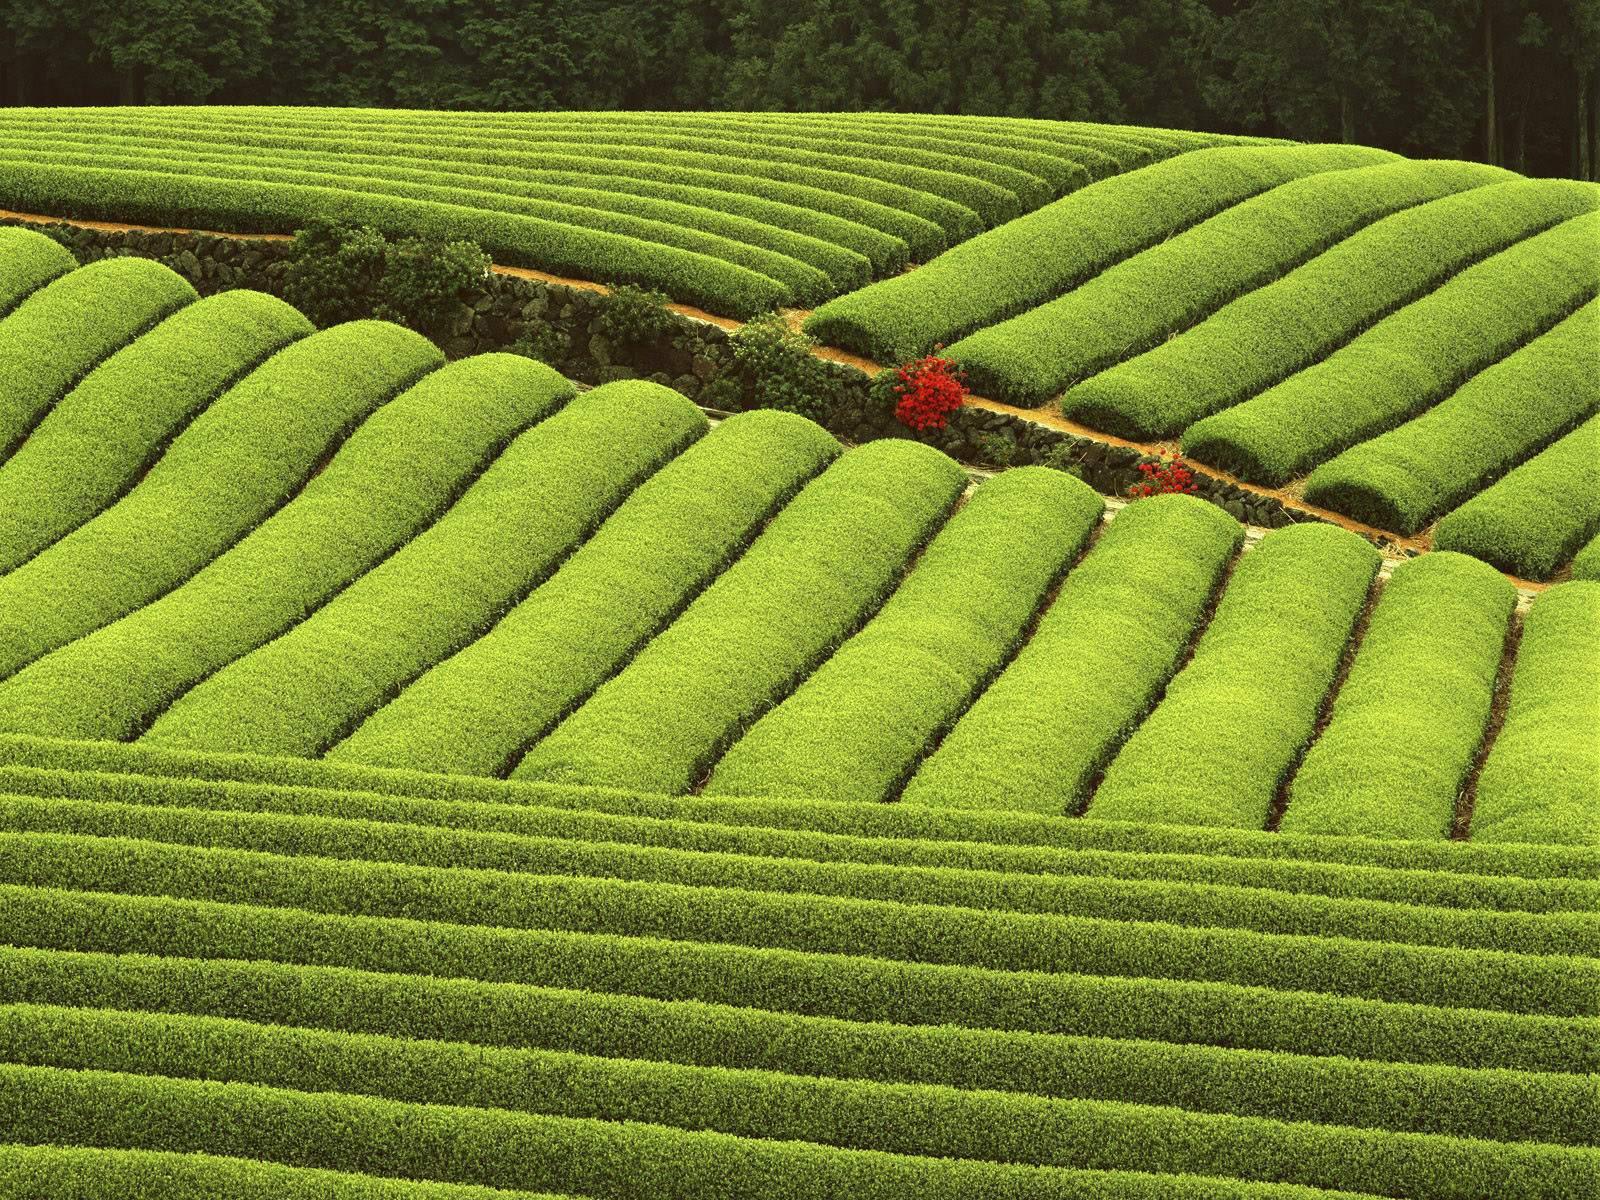 Download Nature Wallpaper wallpaper Tea plantation 1600x1200